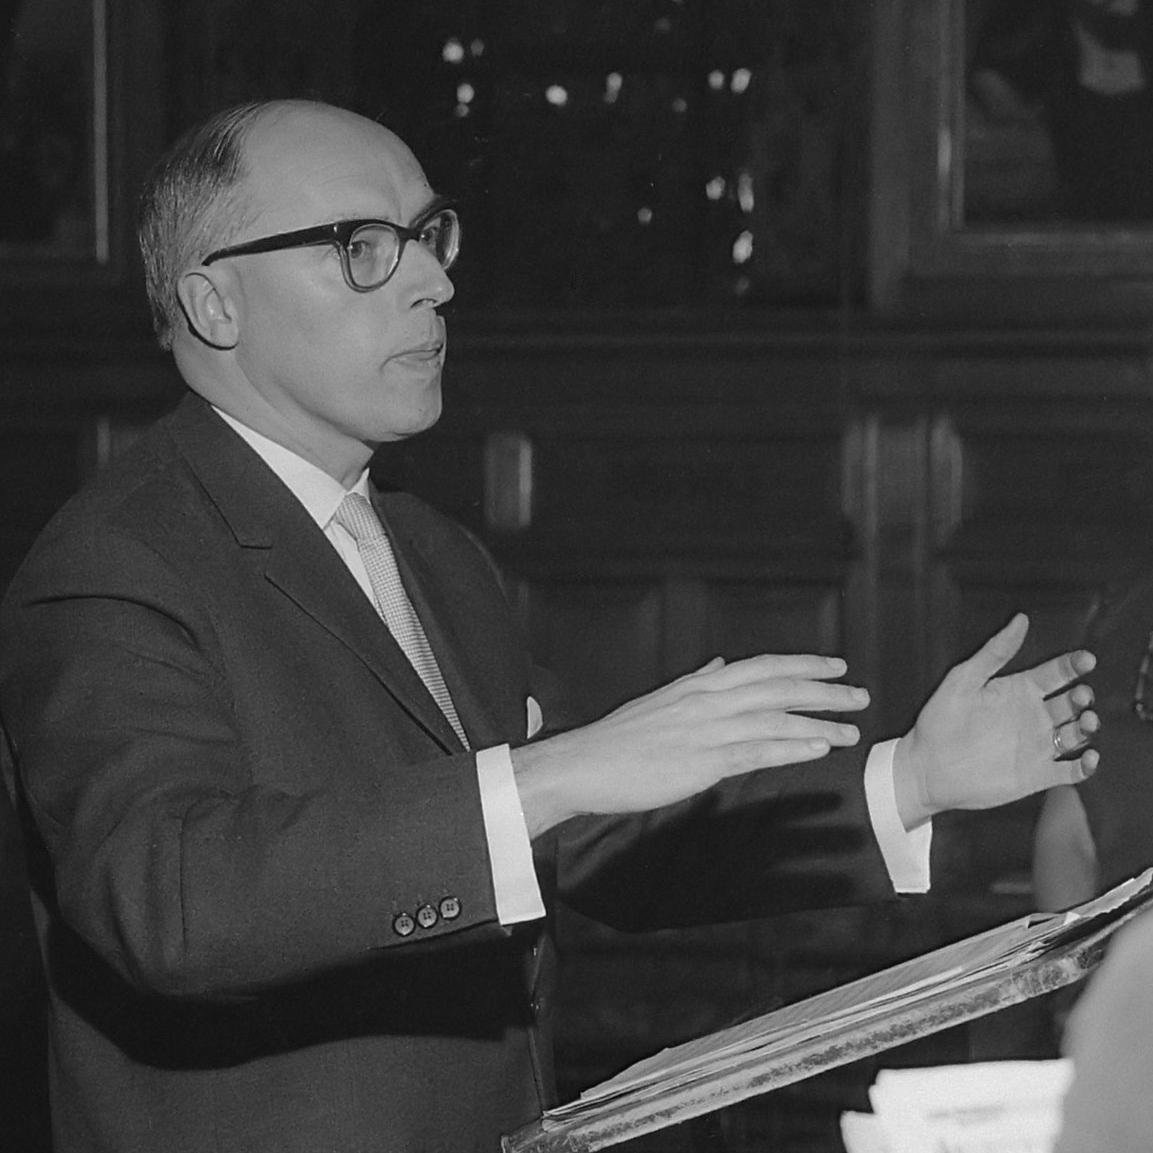 datei:louis toebosch (1962) – wikipedia